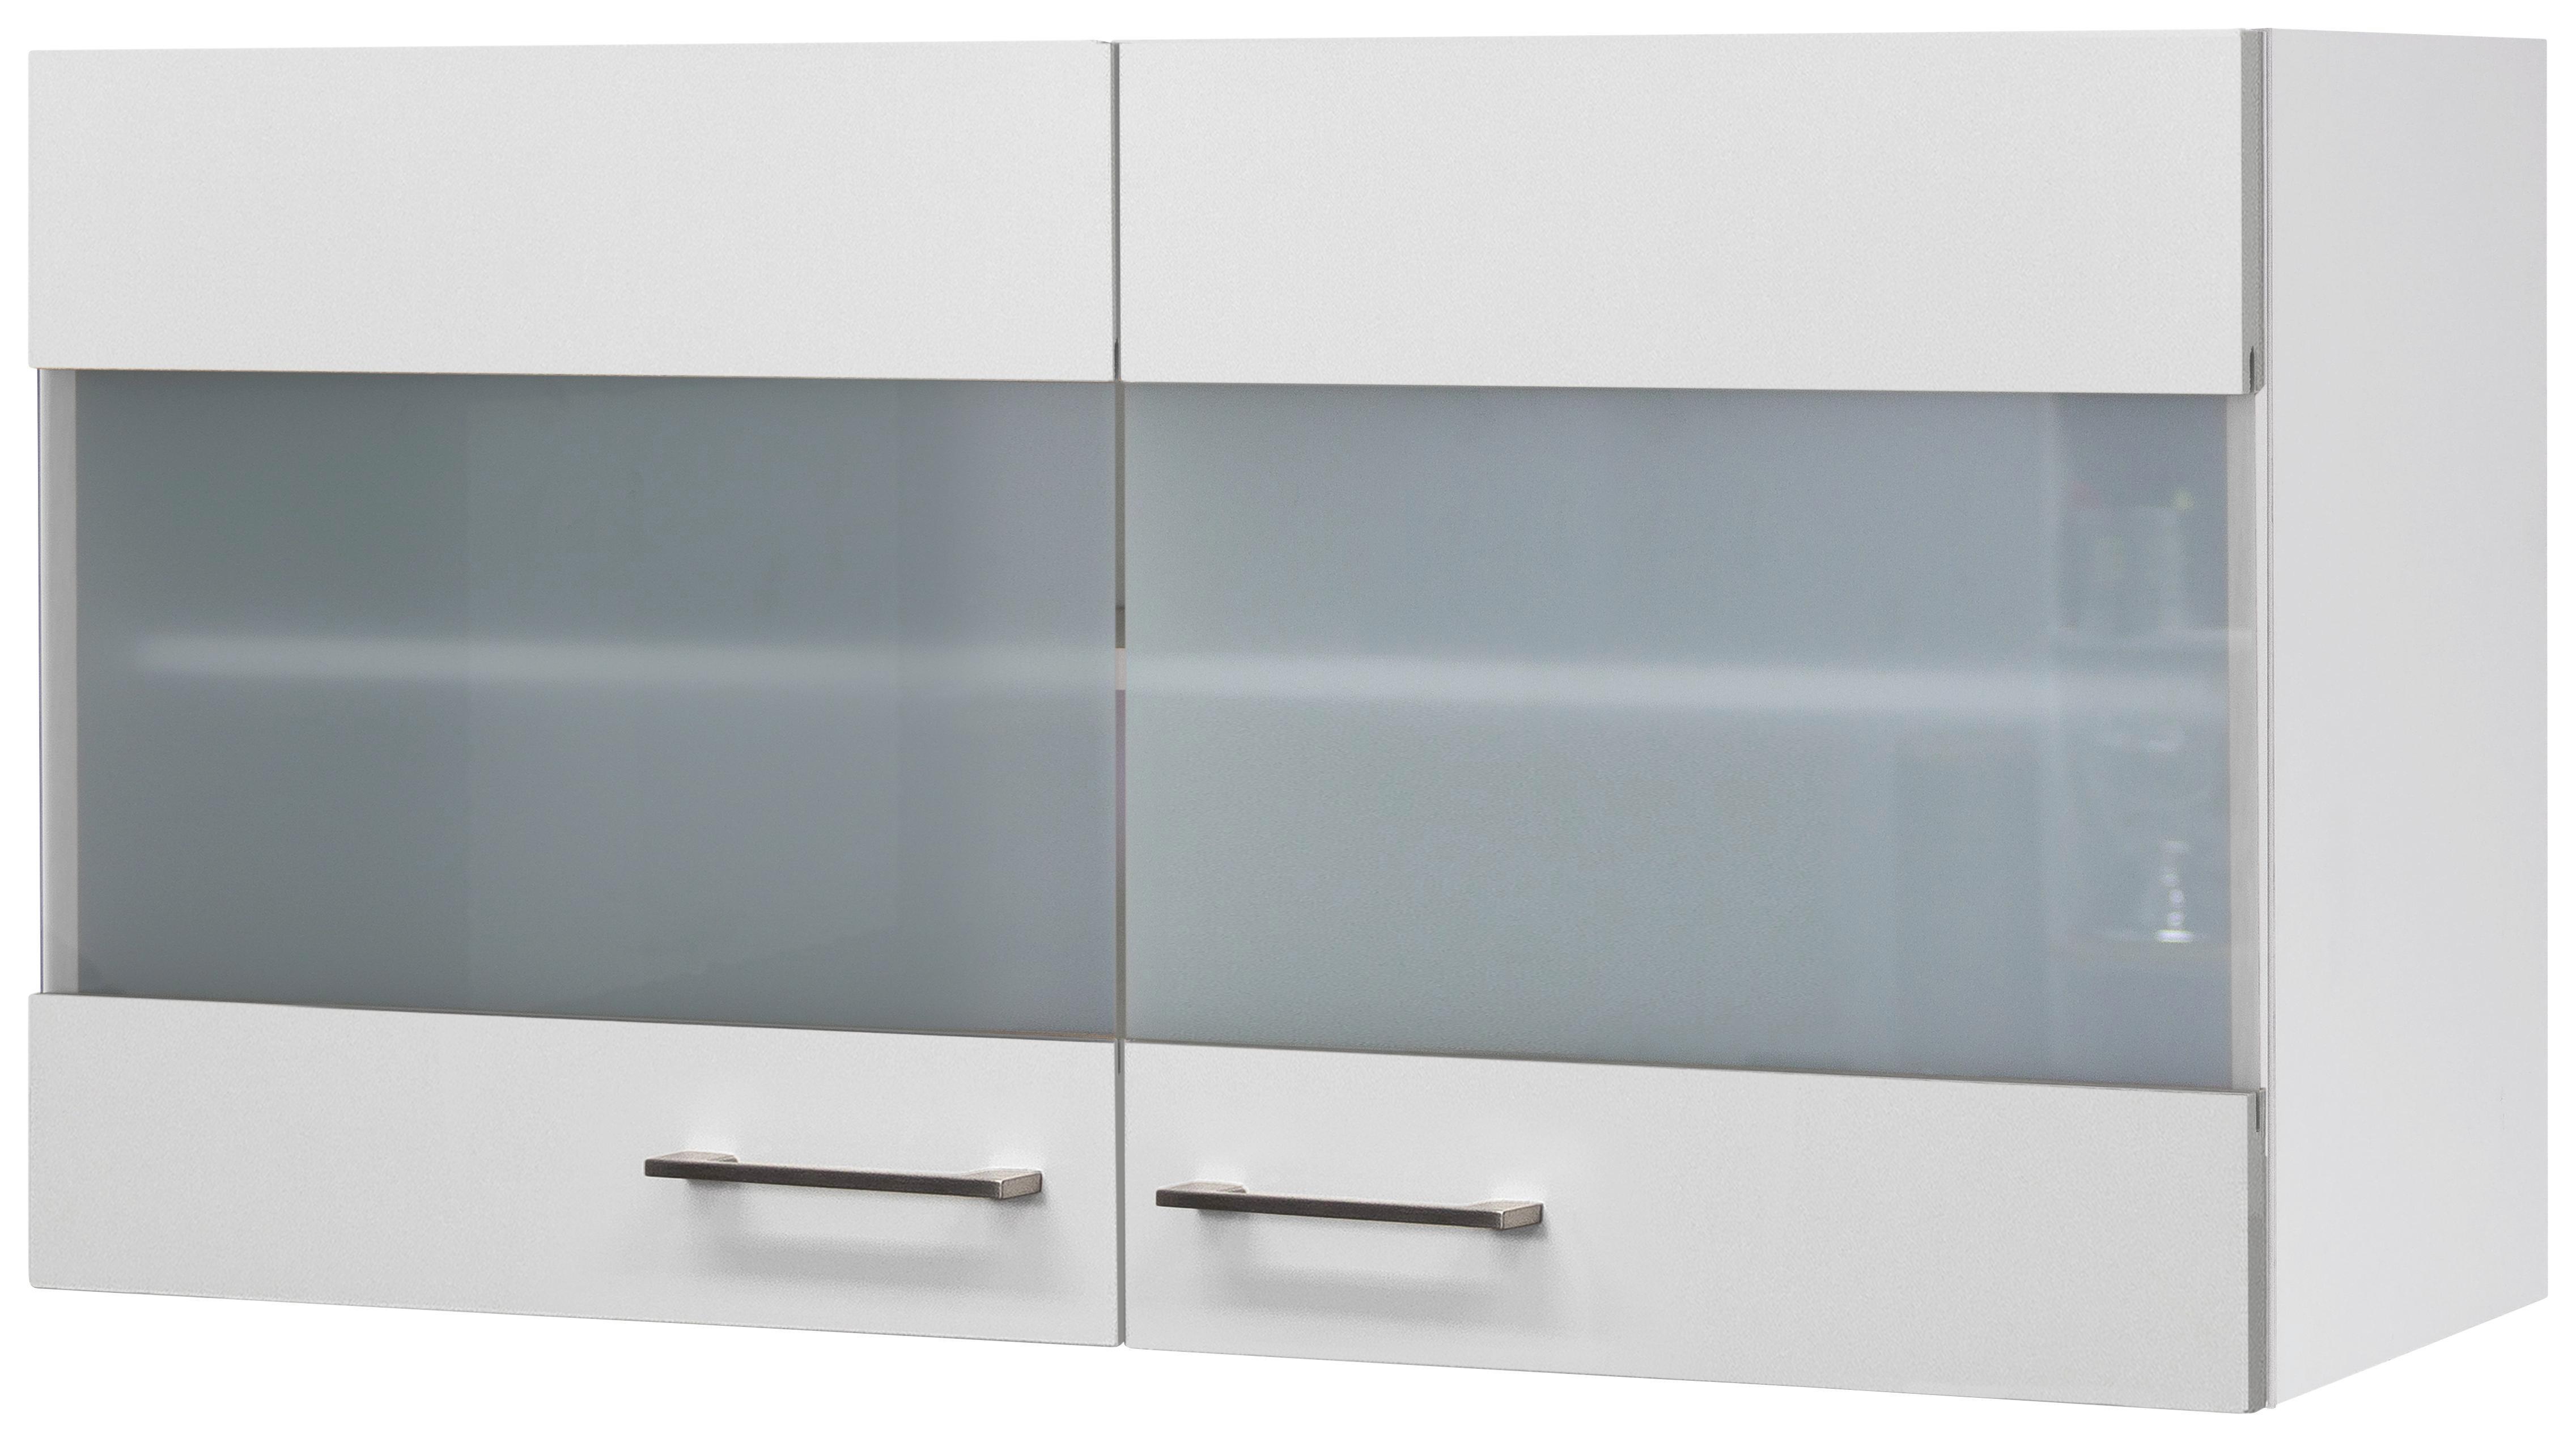 Küchenoberschrank Korpus ~ küchenoberschrank weiß online kaufen mömax